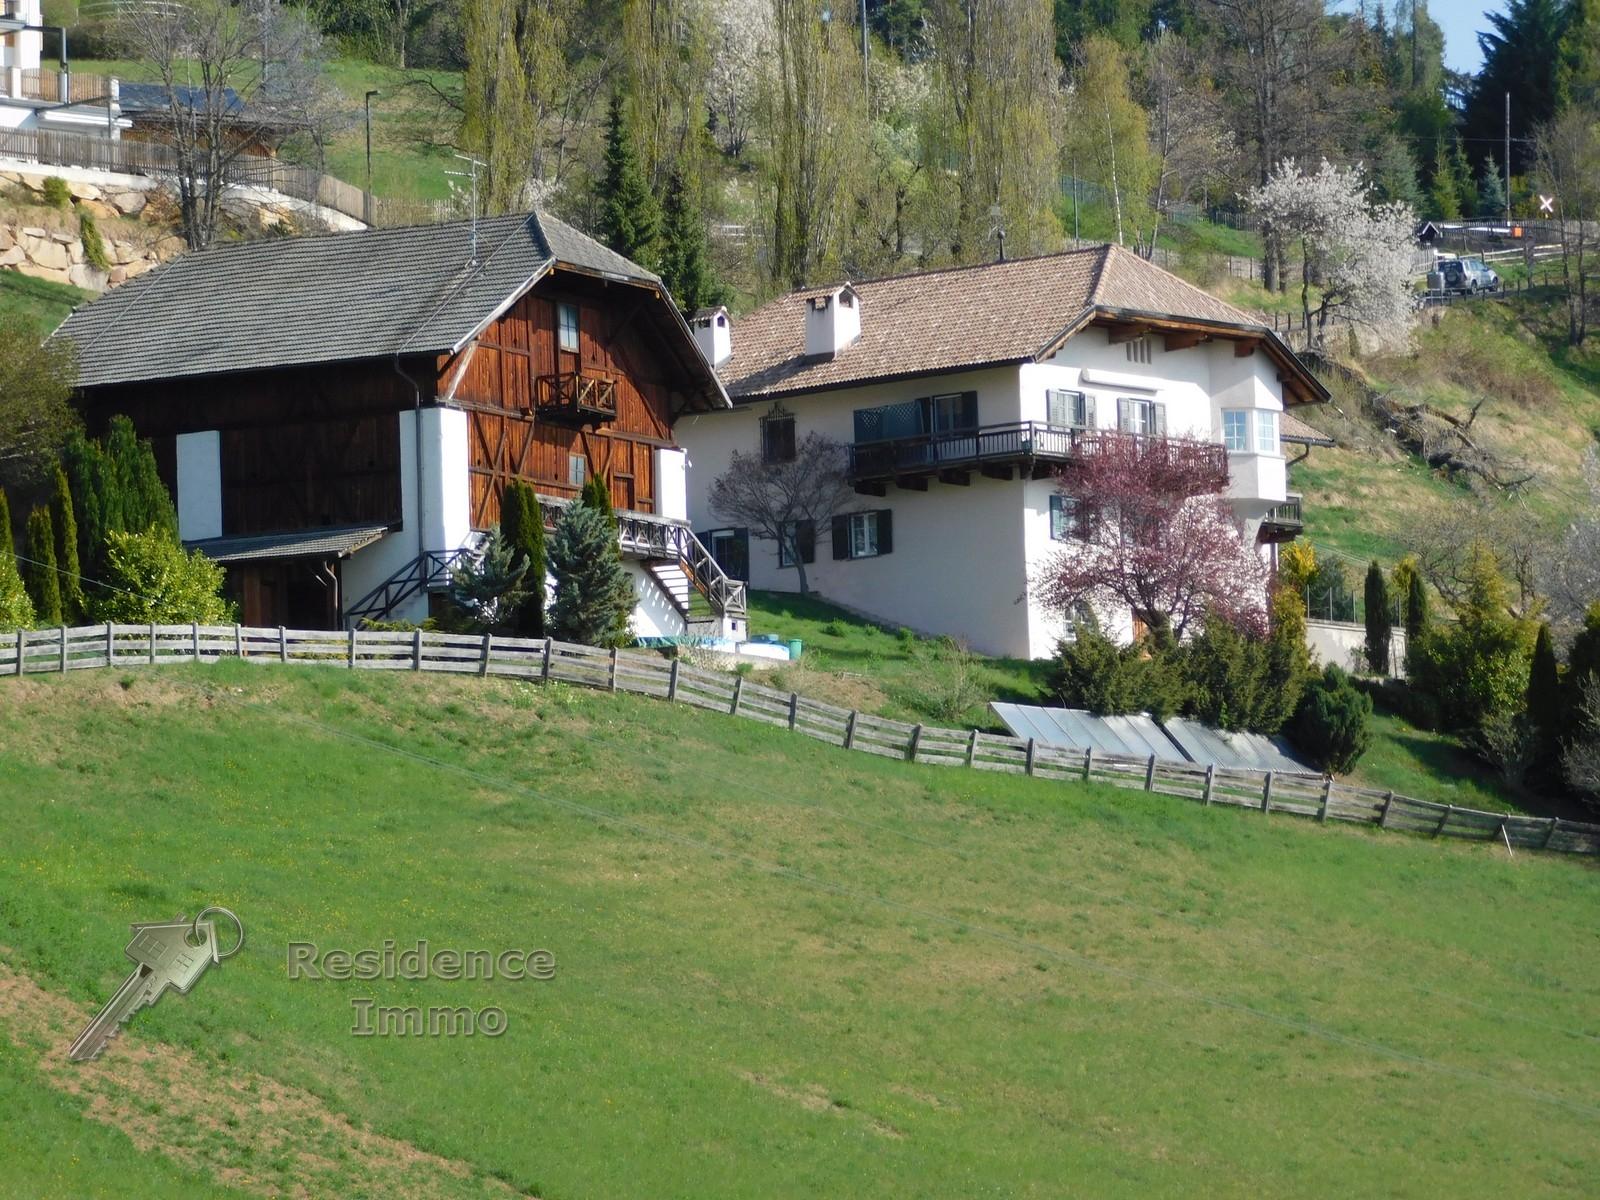 Azienda Agricola in vendita a Renon, 20 locali, zona Zona: Soprabolzano, prezzo € 2.300.000 | CambioCasa.it